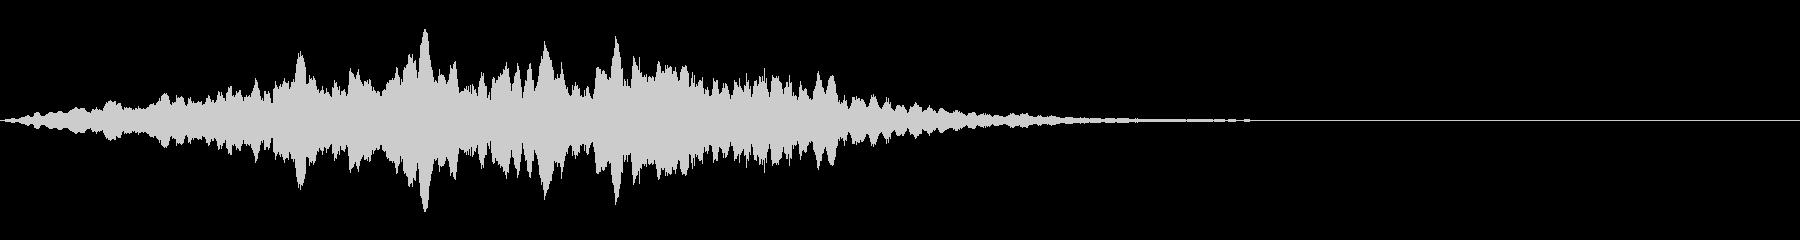 空間を移動したときの音。の未再生の波形